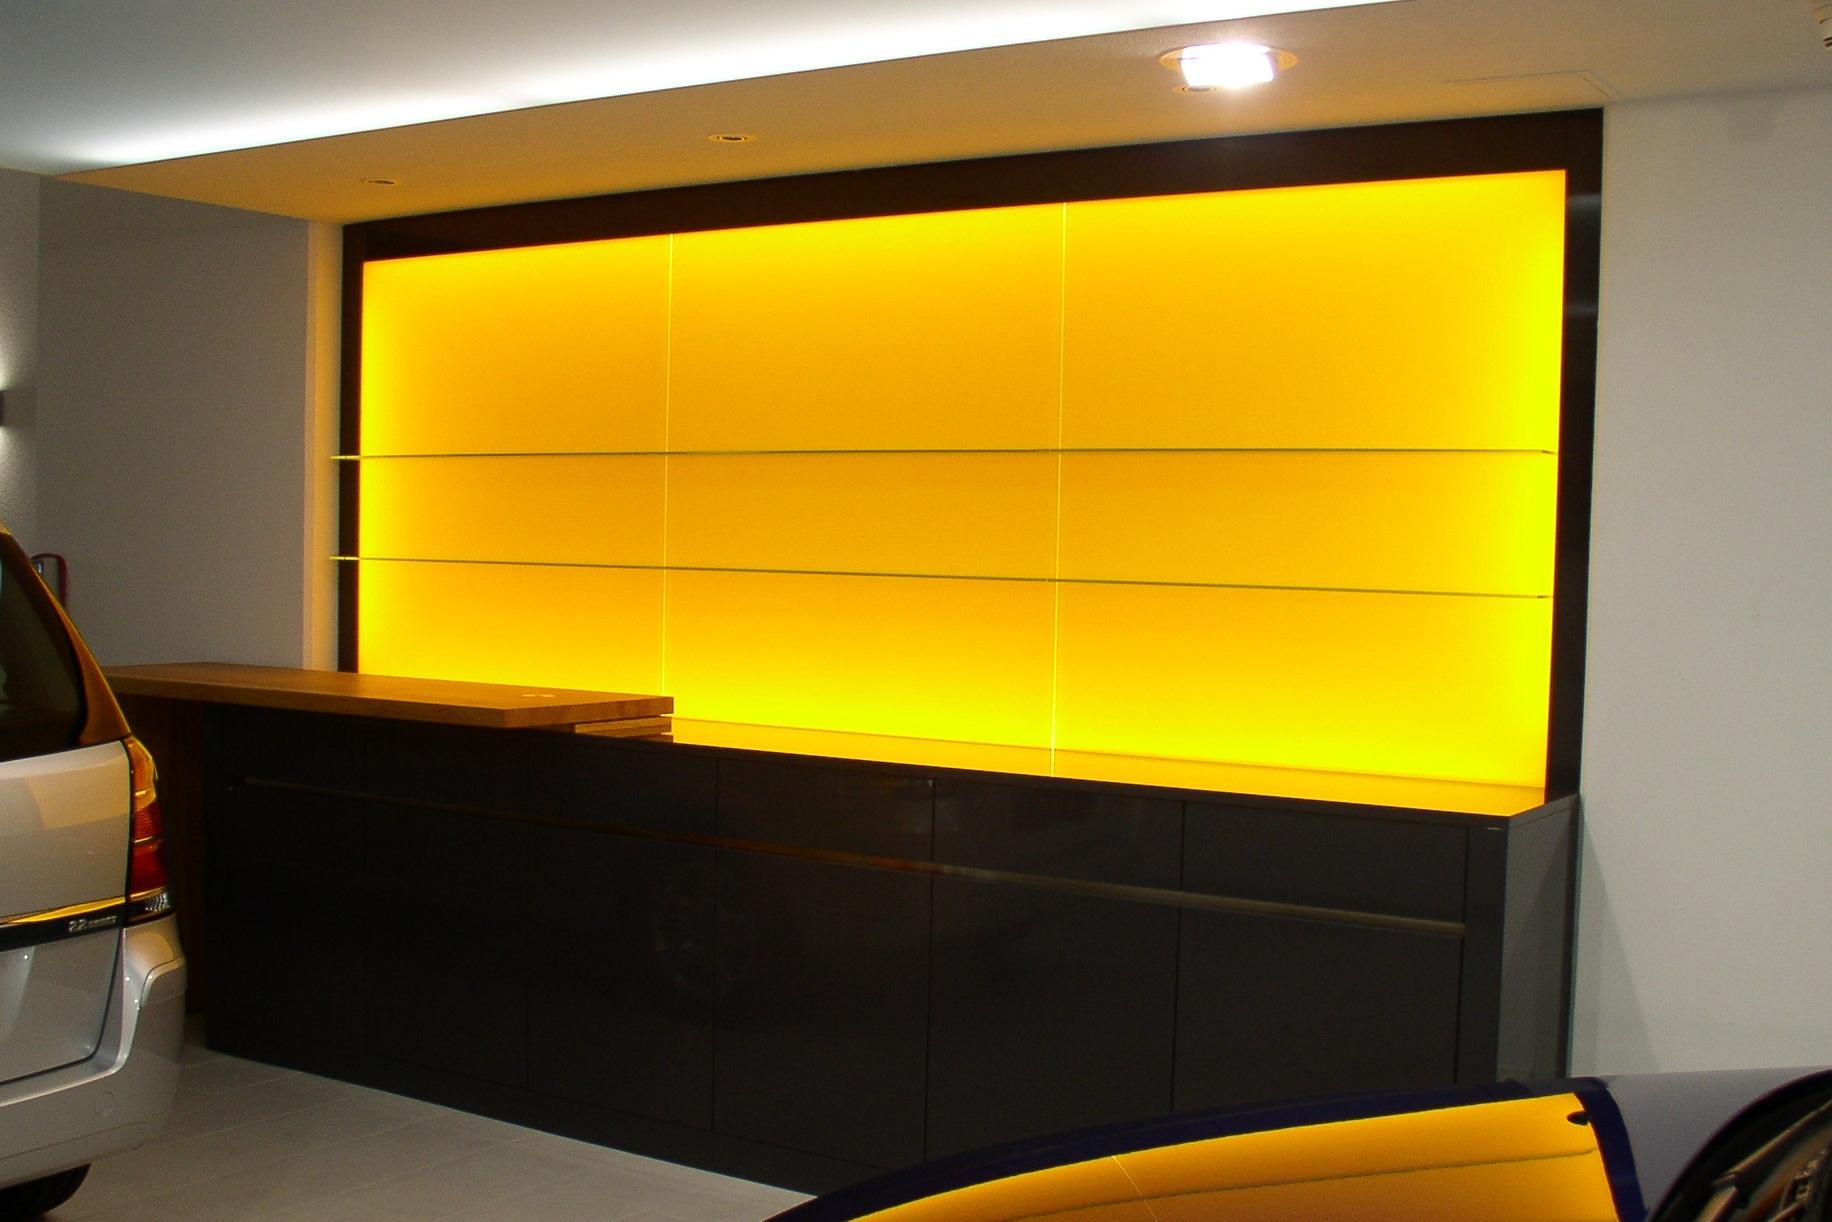 Ladeneinrichtung Ausstellungsraum Opelgarage Bern